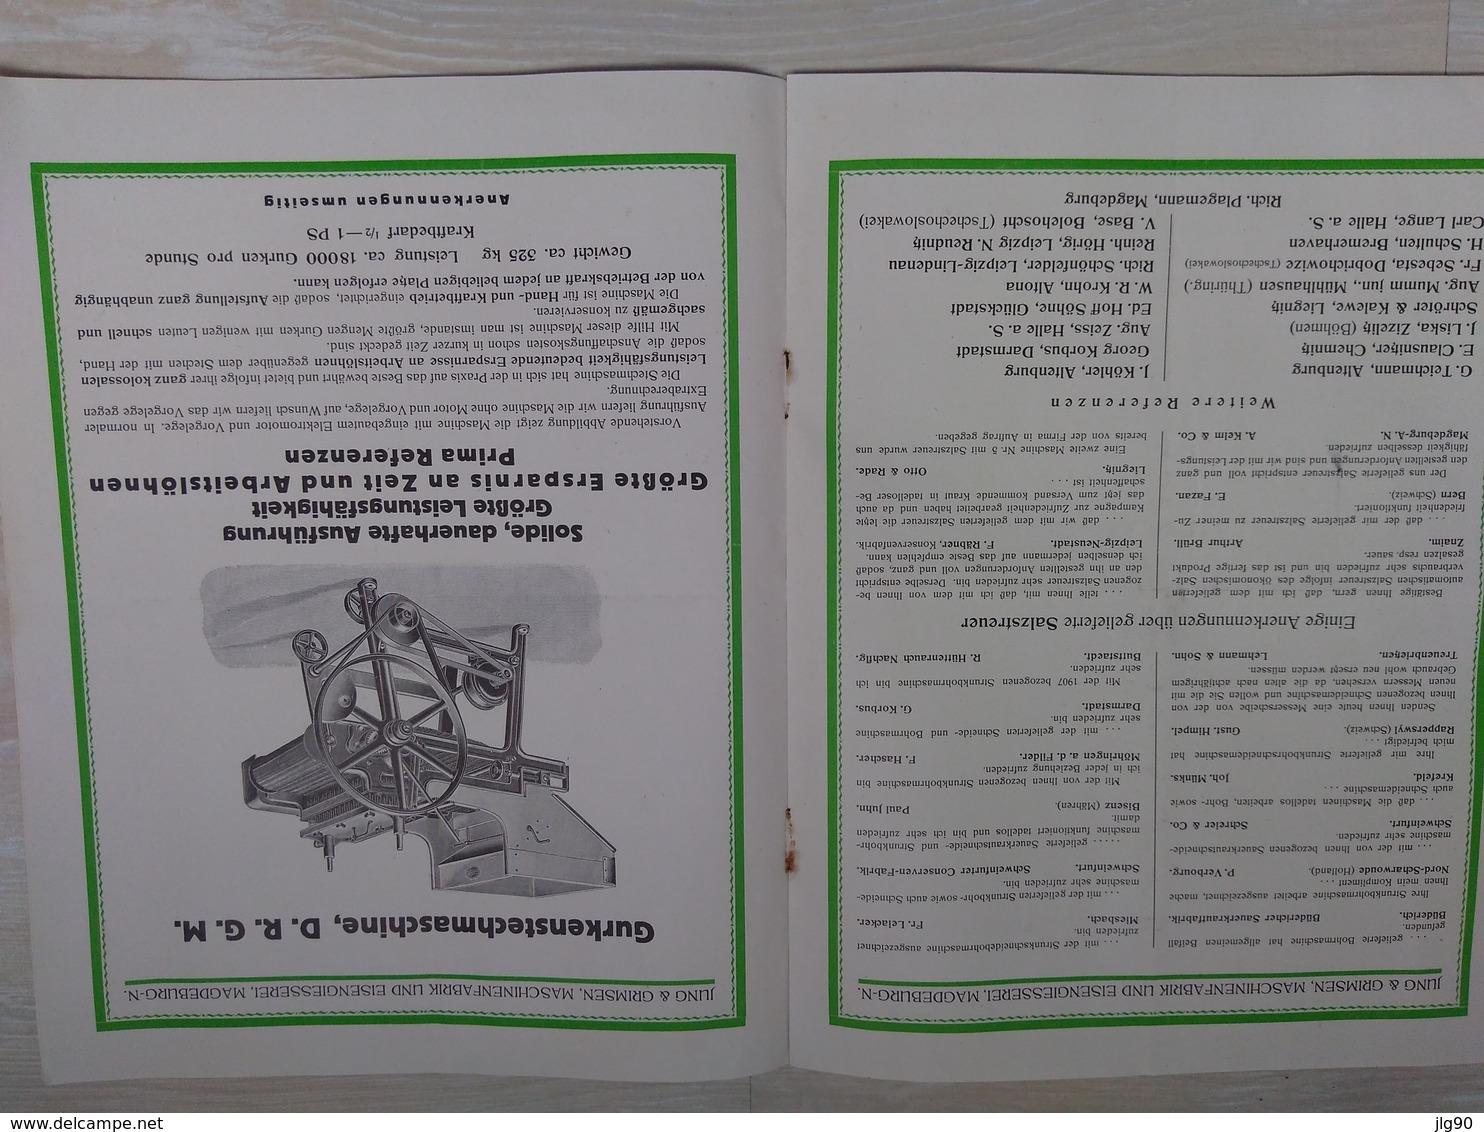 Document Jung And Grimsen, Maschinenfabrik Fur Die Sauerkraut (choucroute) Und Die Gurken-Konservierung 192x - Material Und Zubehör